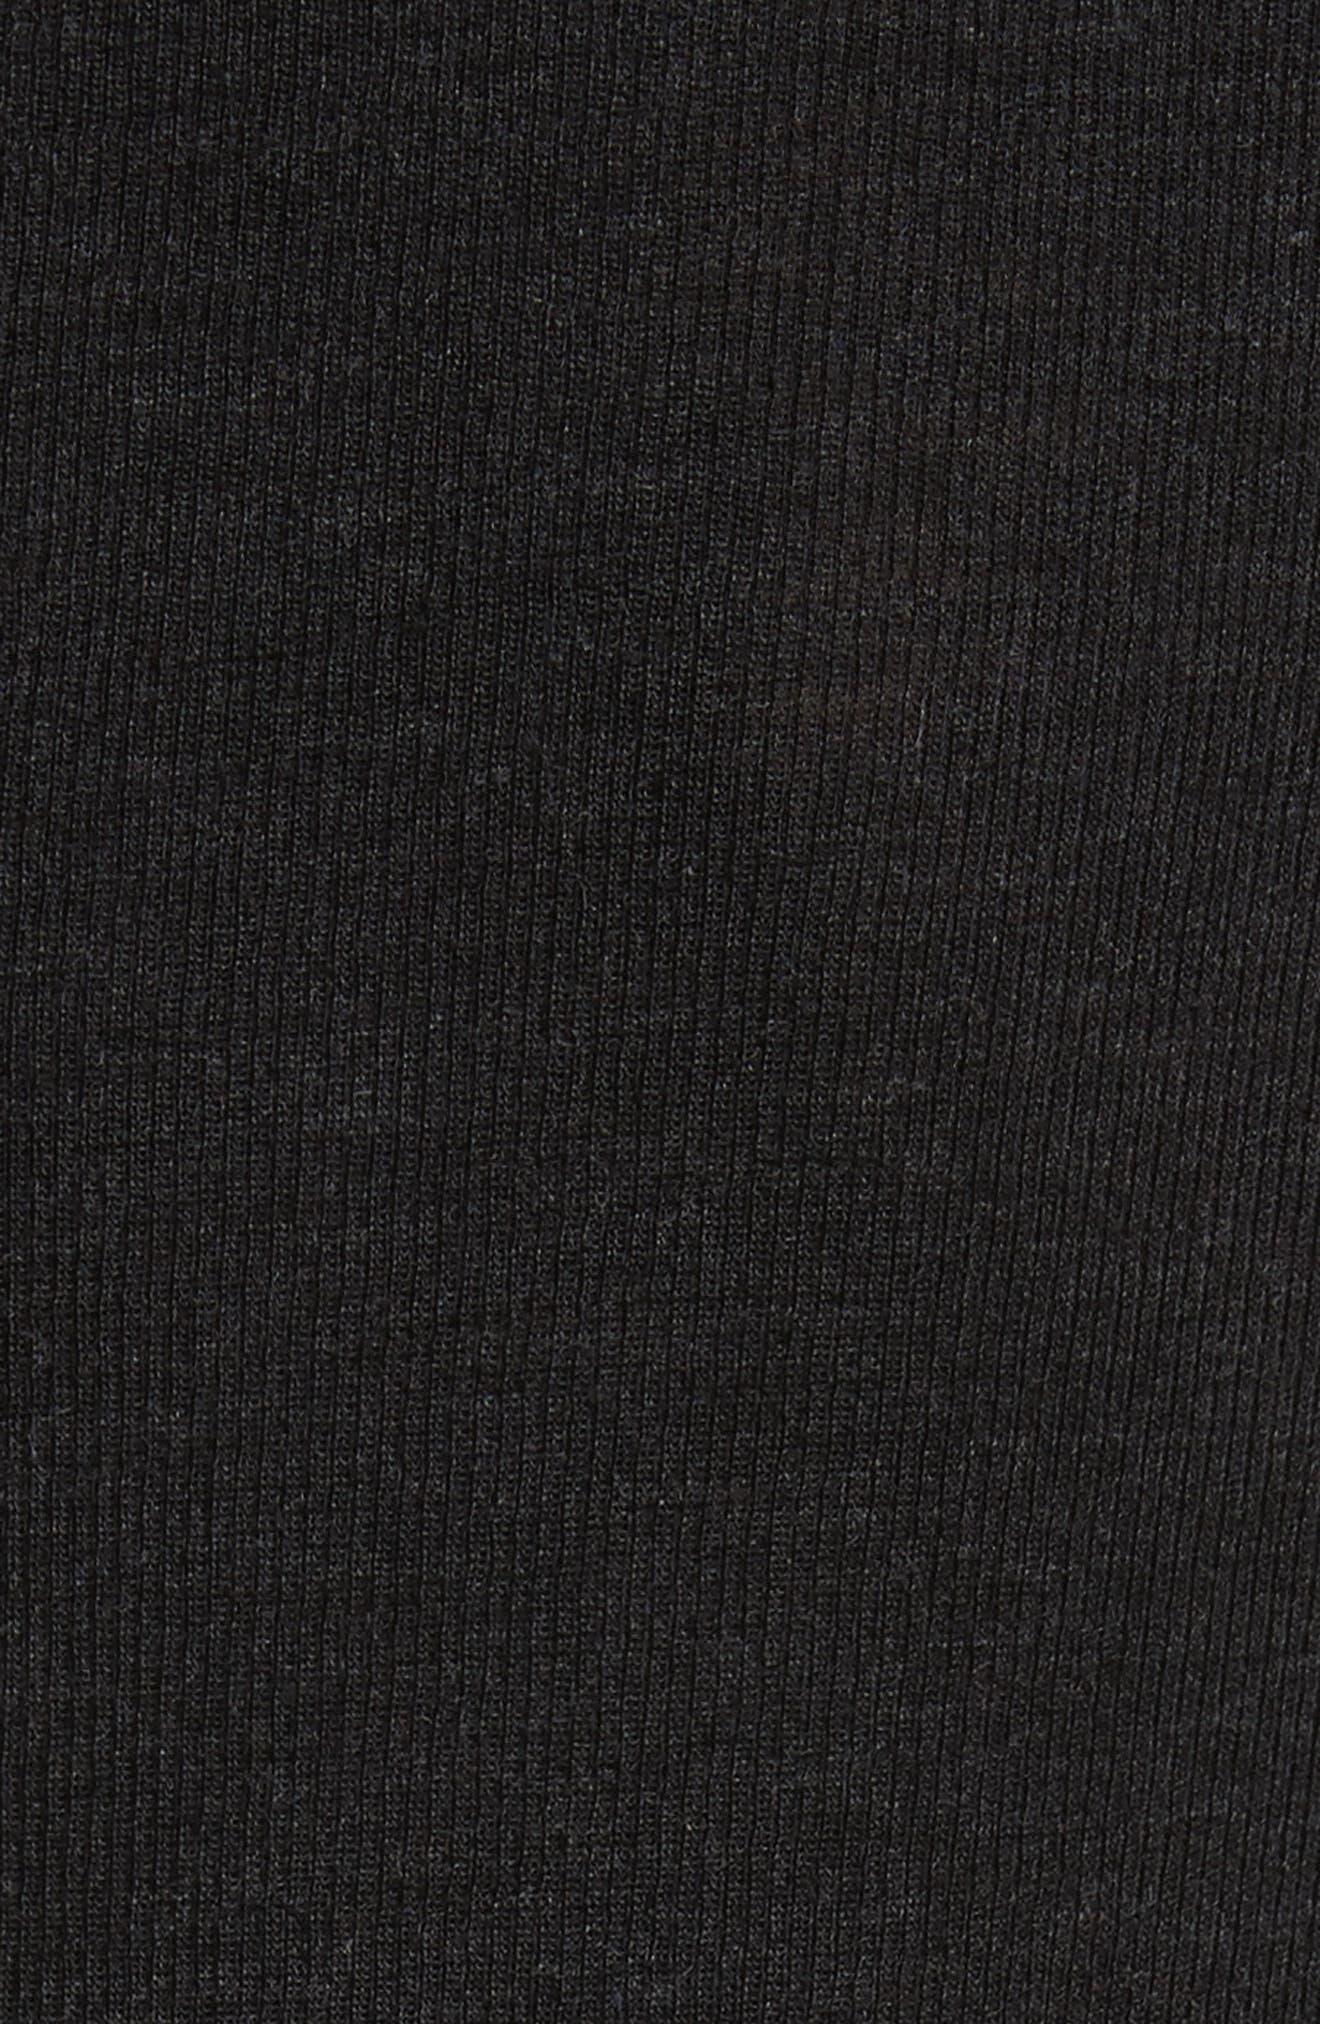 Surplus Off the Shoulder Knit Top,                             Alternate thumbnail 5, color,